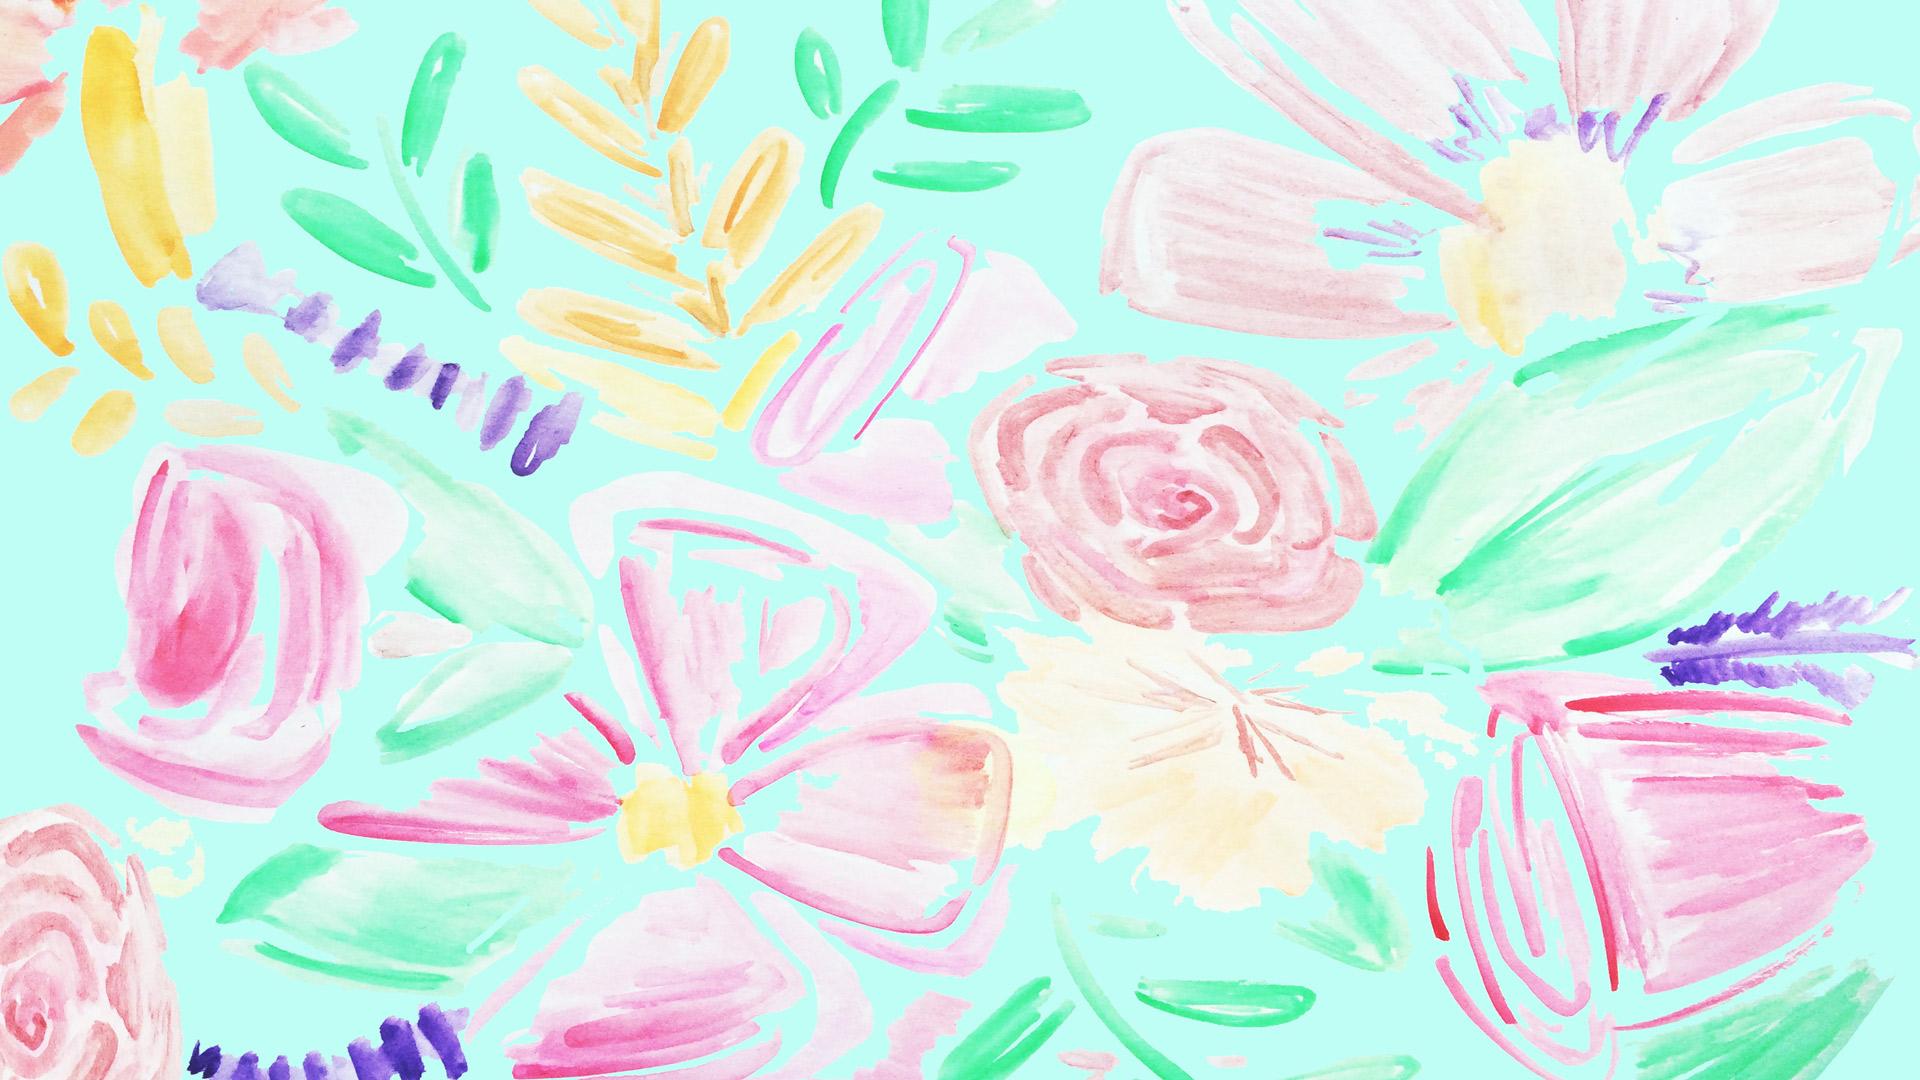 Watercolor iphone wallpaper tumblr - Watercolor Wallpaper Download